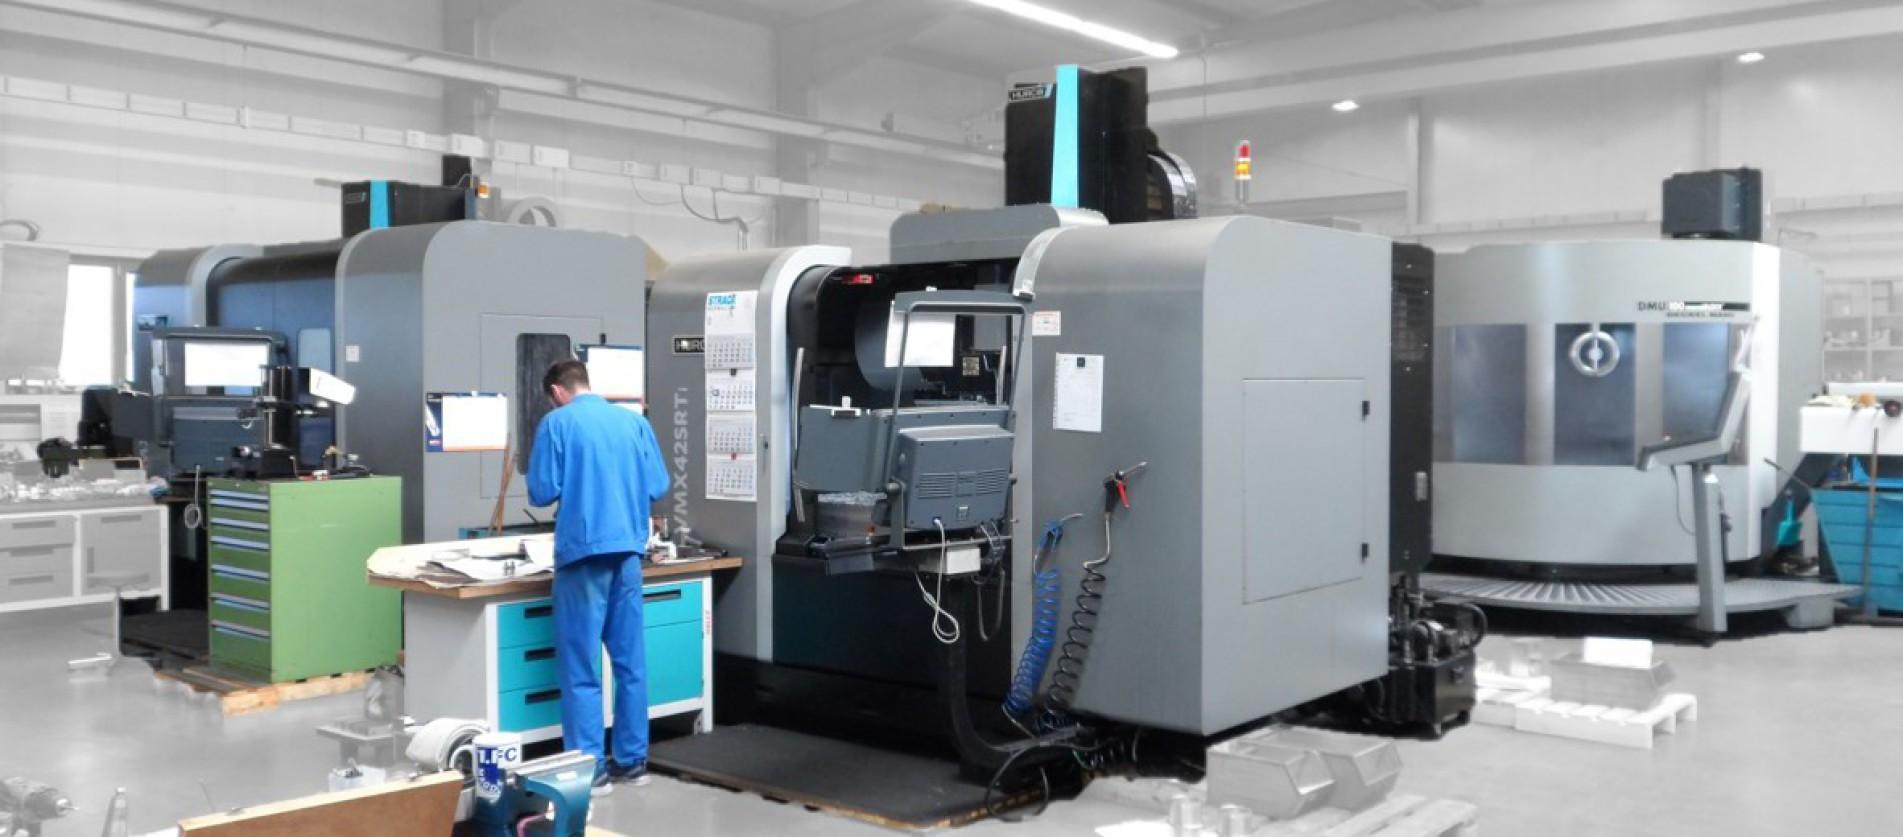 5-Achs CNC Maschinenpark